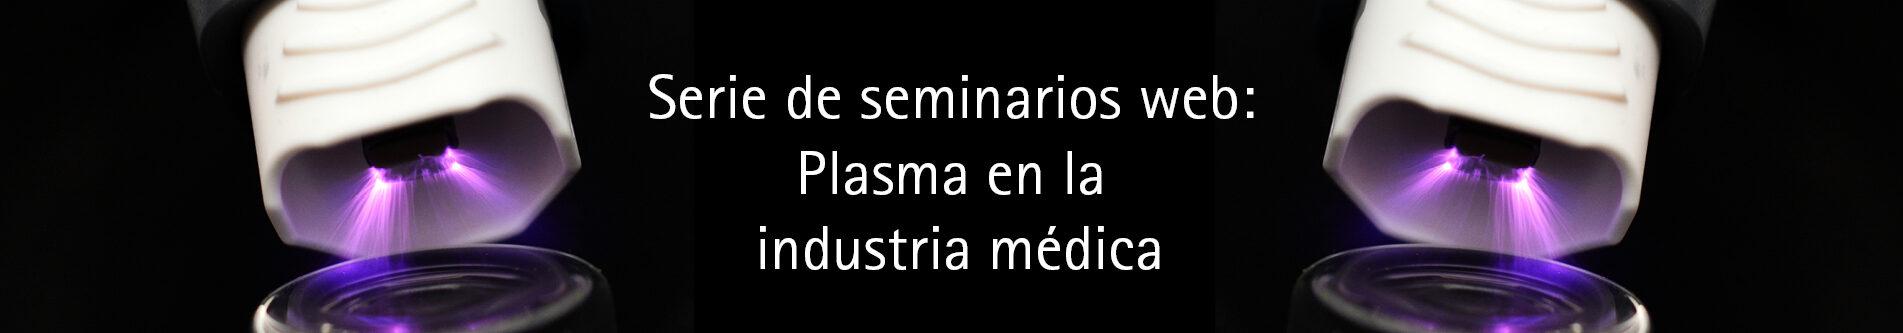 Serie de seminarios web: Plasma en la industria médica